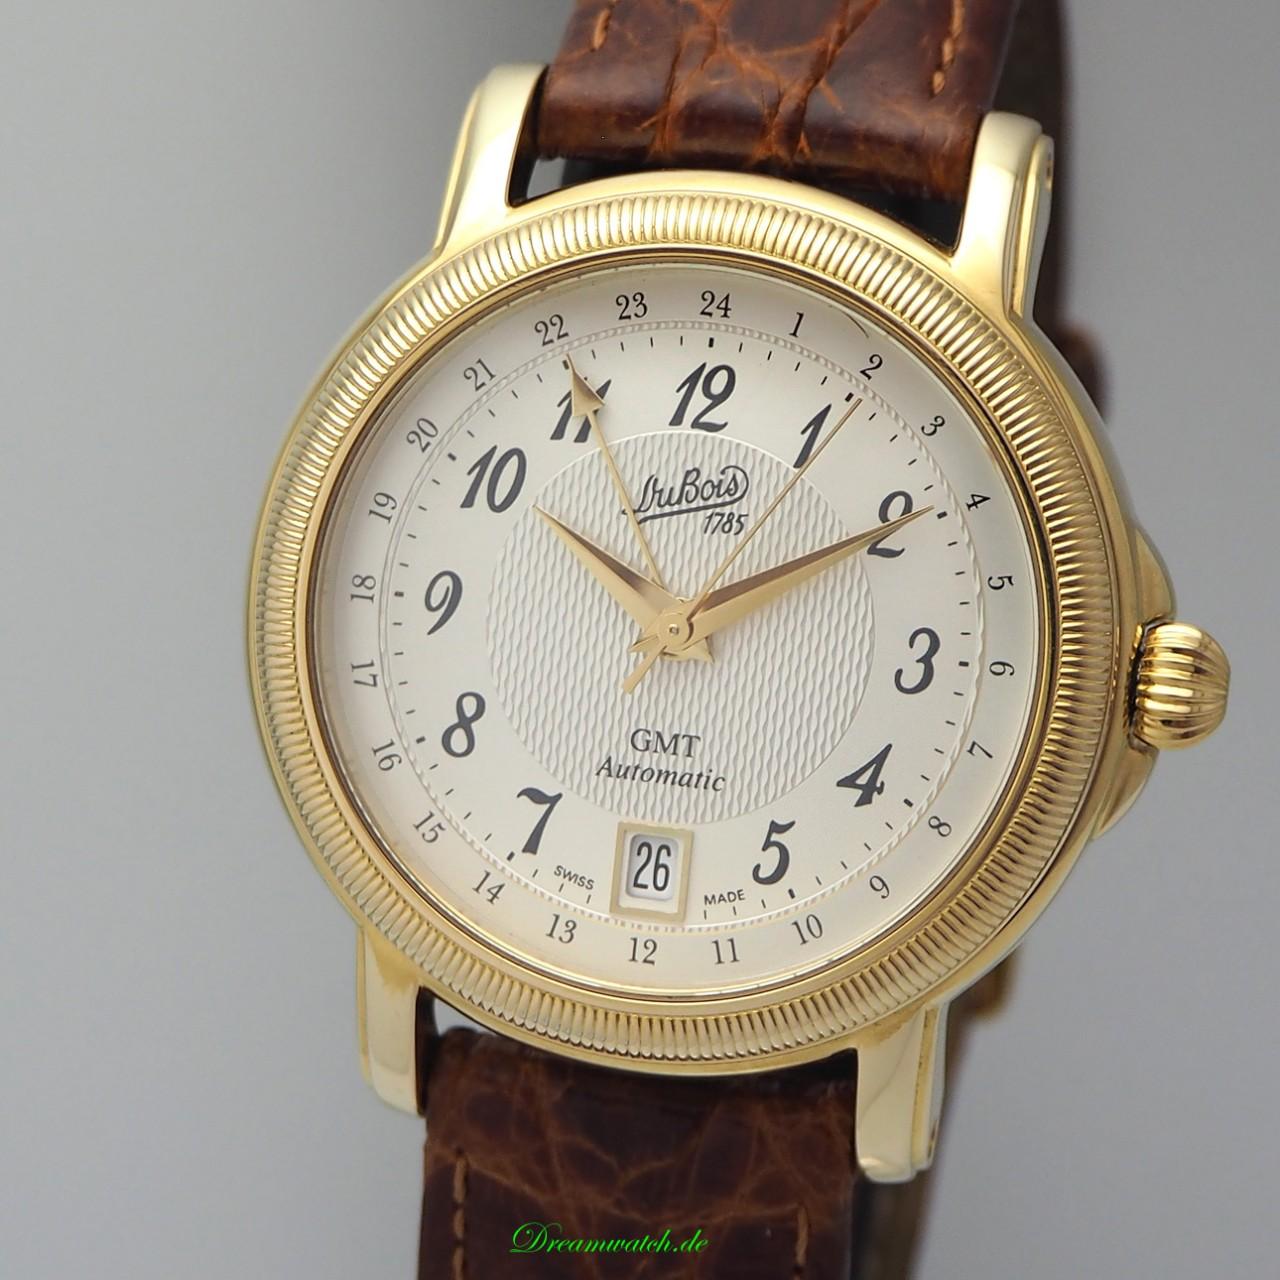 Dubois & Fils GMT Double Temps Automatik